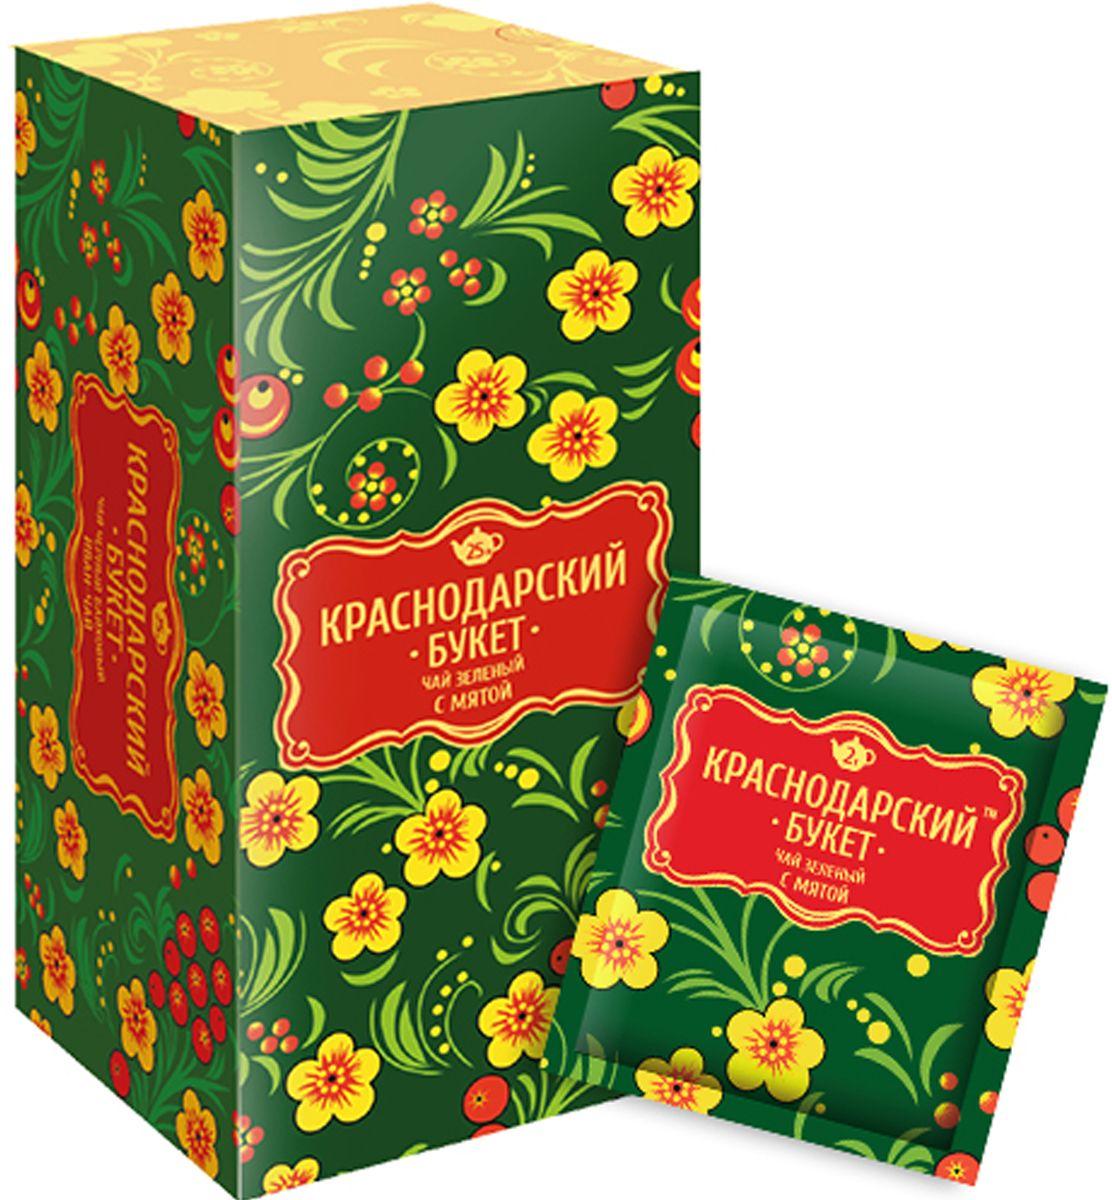 Краснодарский букет чай зеленый с мятой в пакетиках, 25 шт101246Классическое сочетание зеленого чая с душистой мятой создает мягкий успокаивающий эффект, отлично освежает и утоляет жажду.